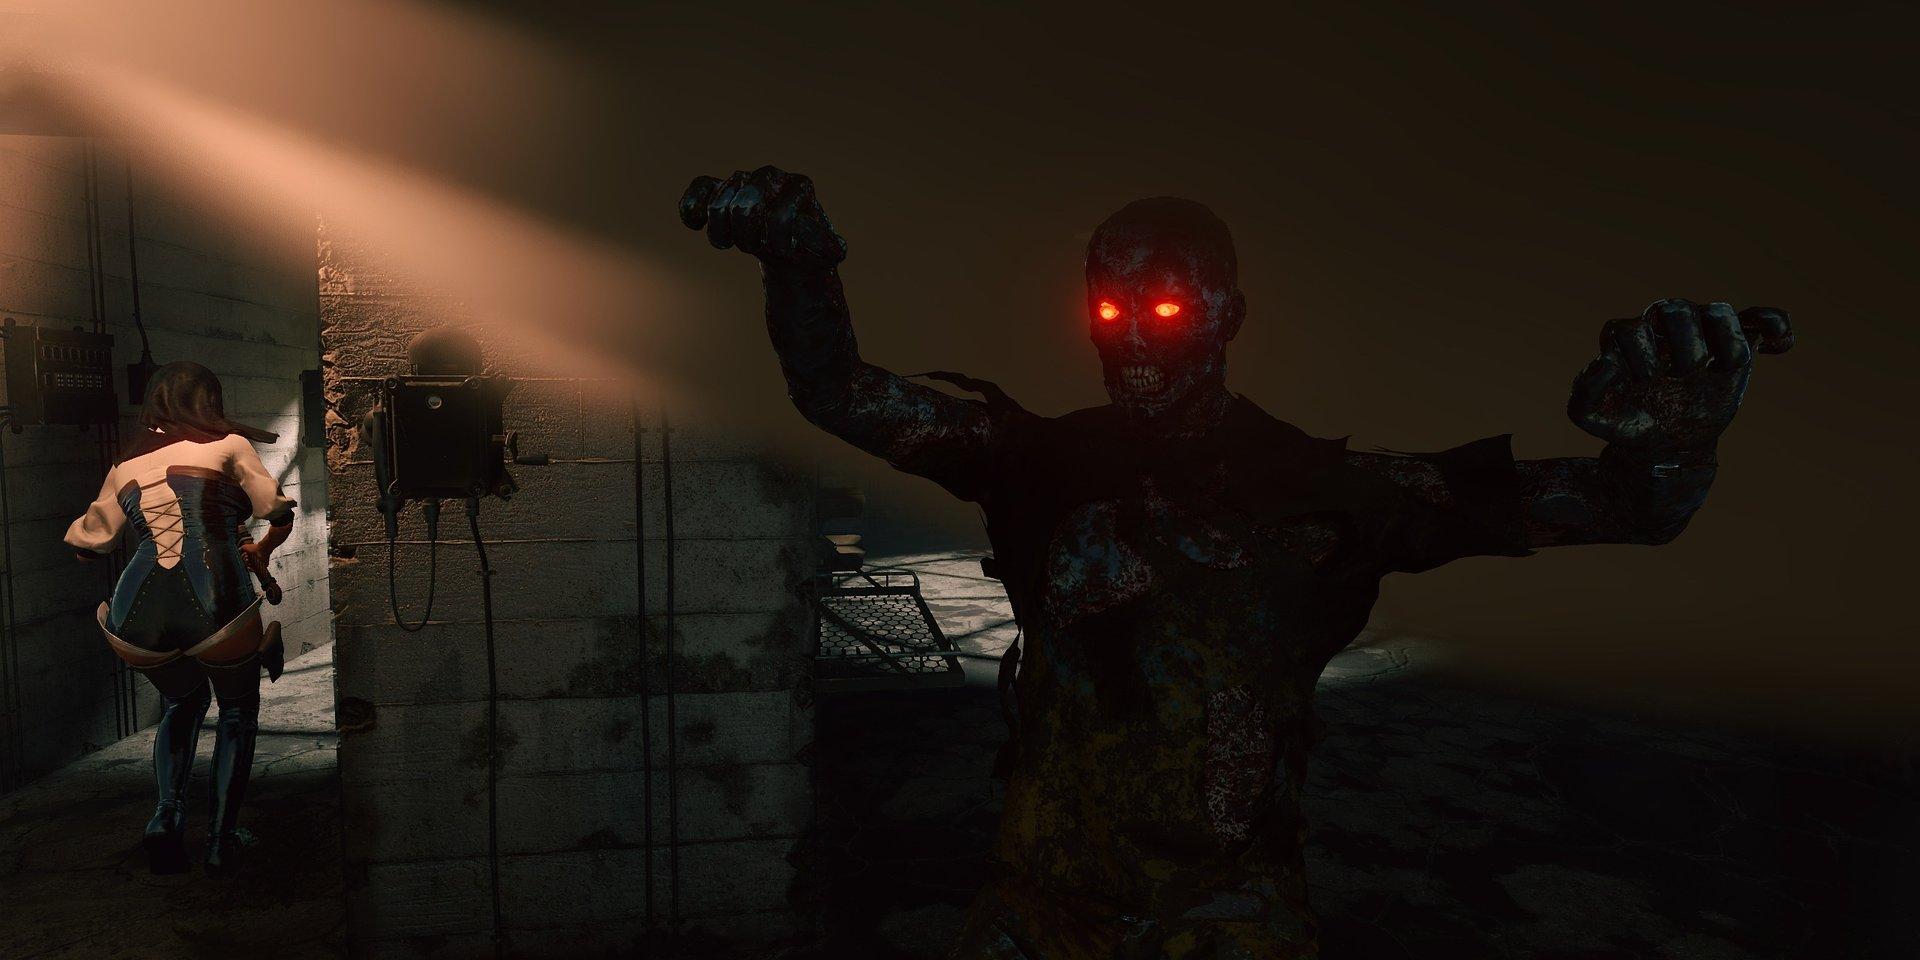 Užívatelia Twitch dostané silu ropútať zombie na streameroch